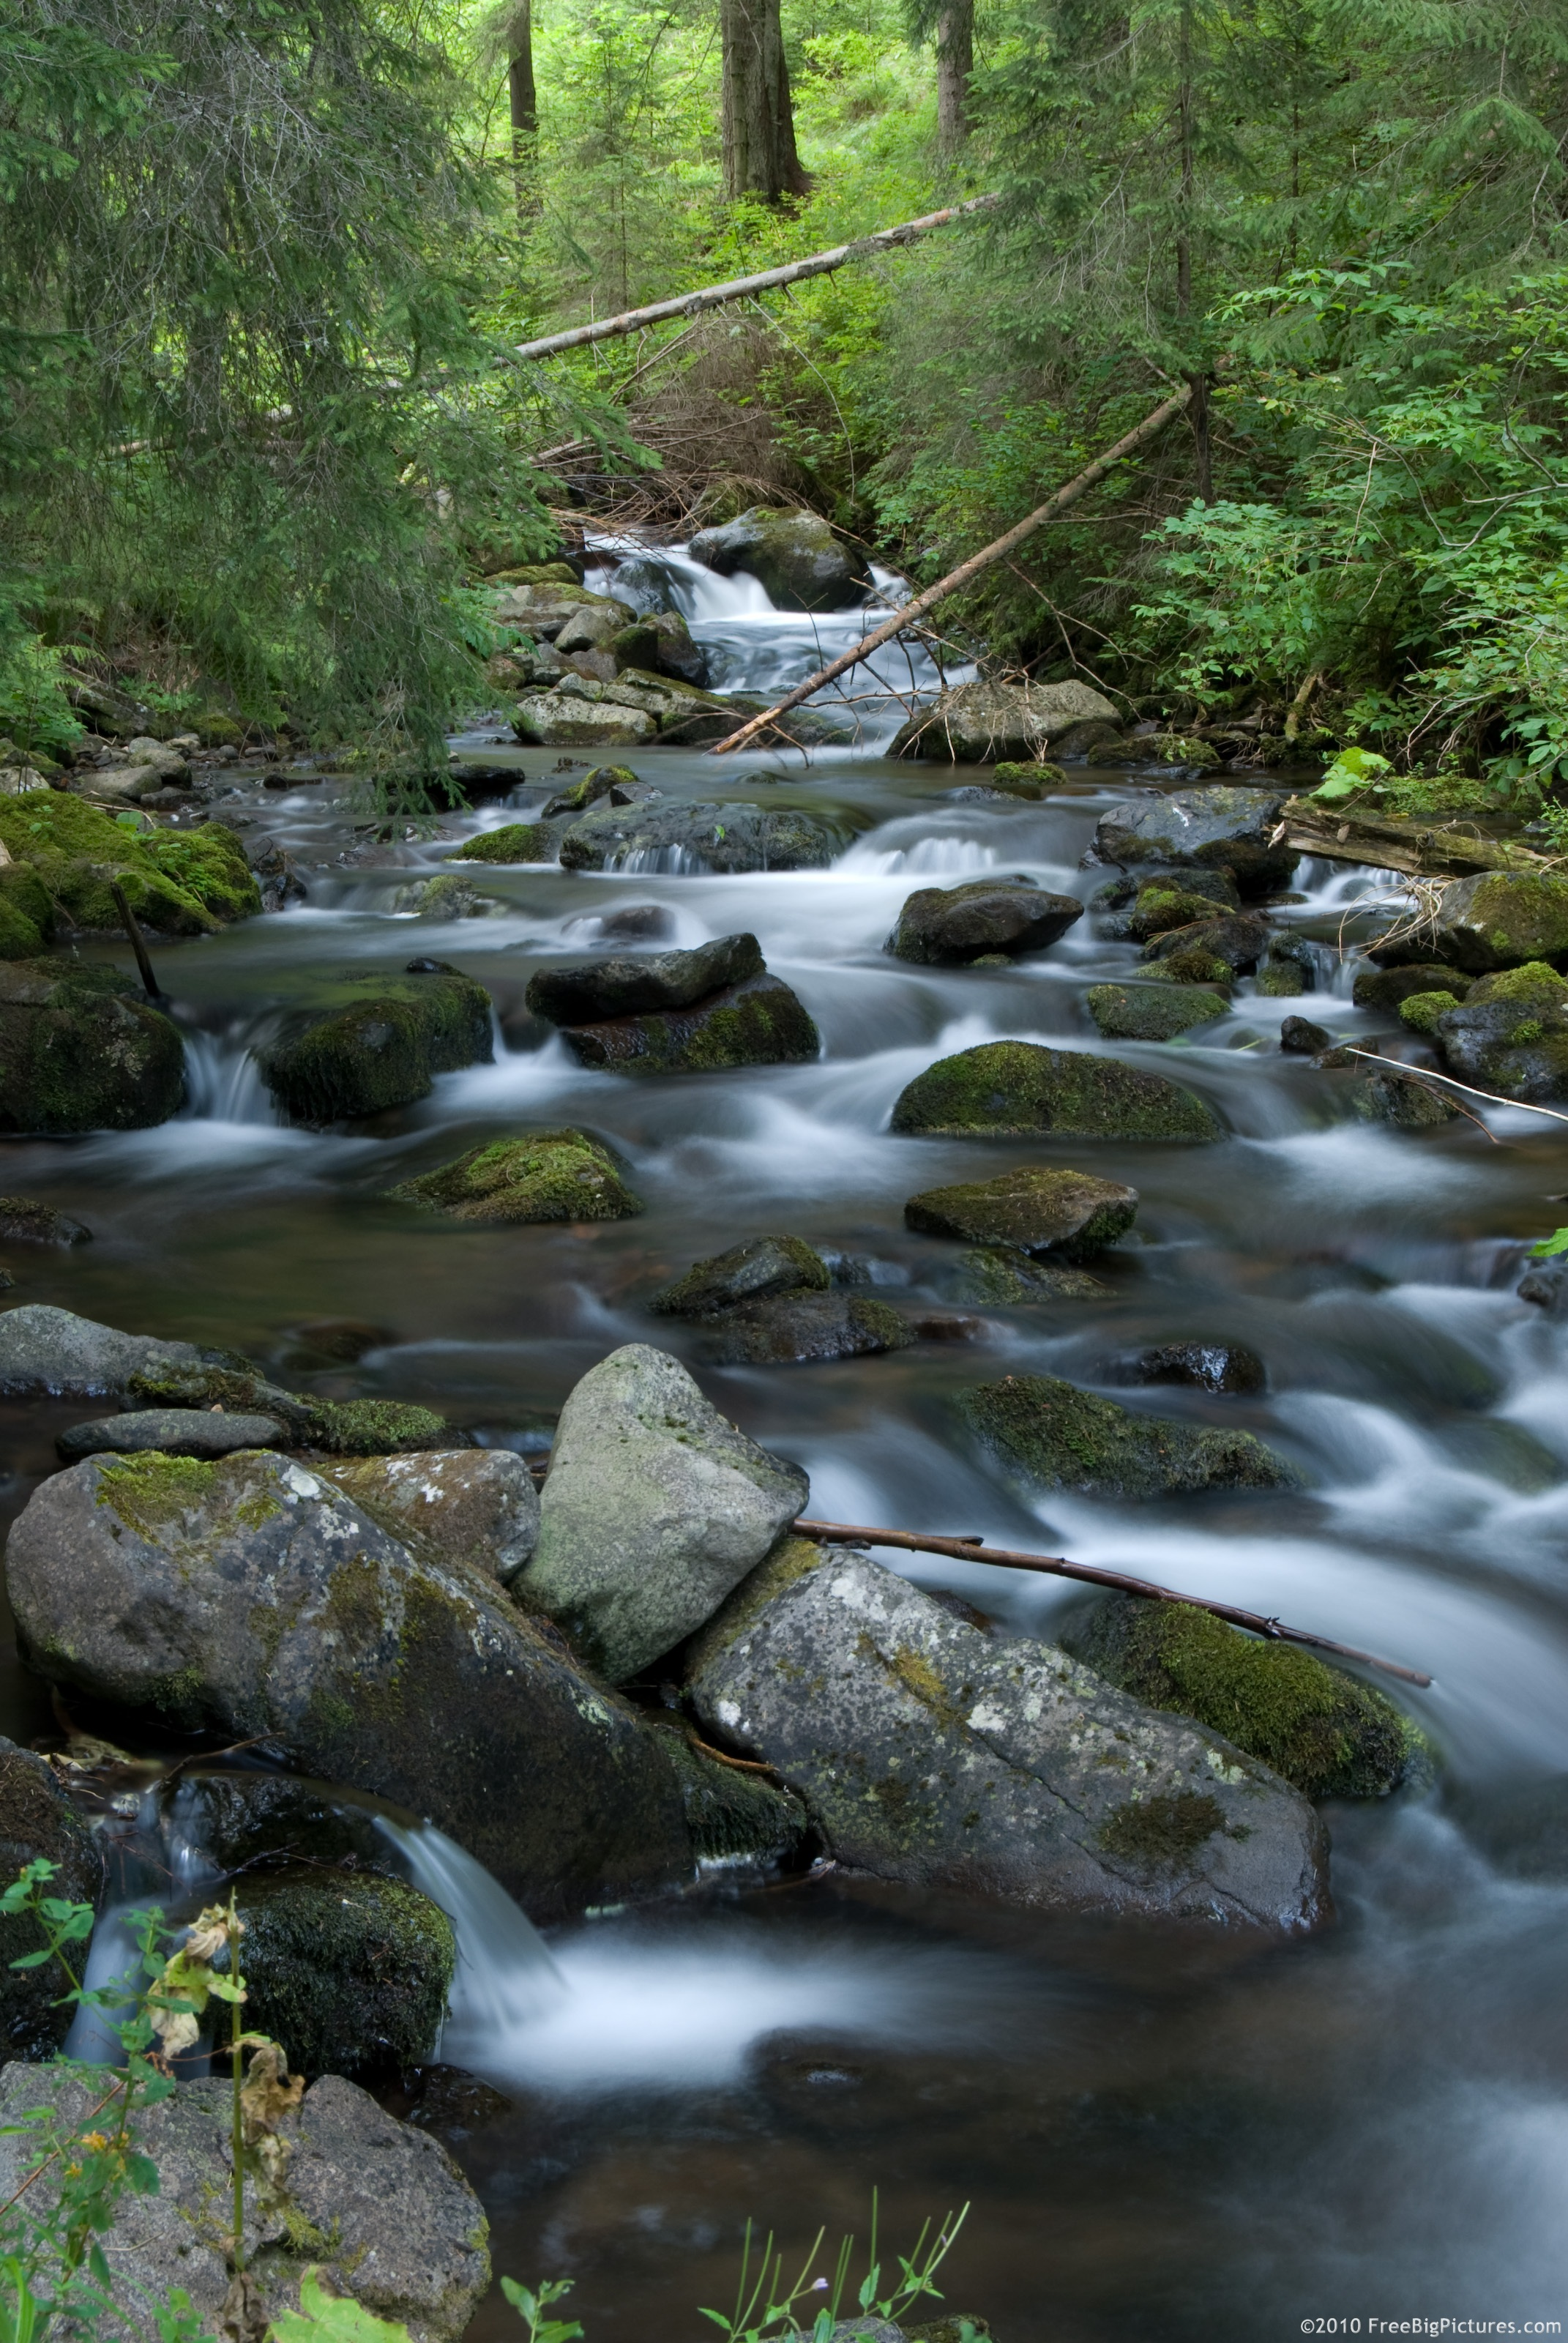 Crick Creek